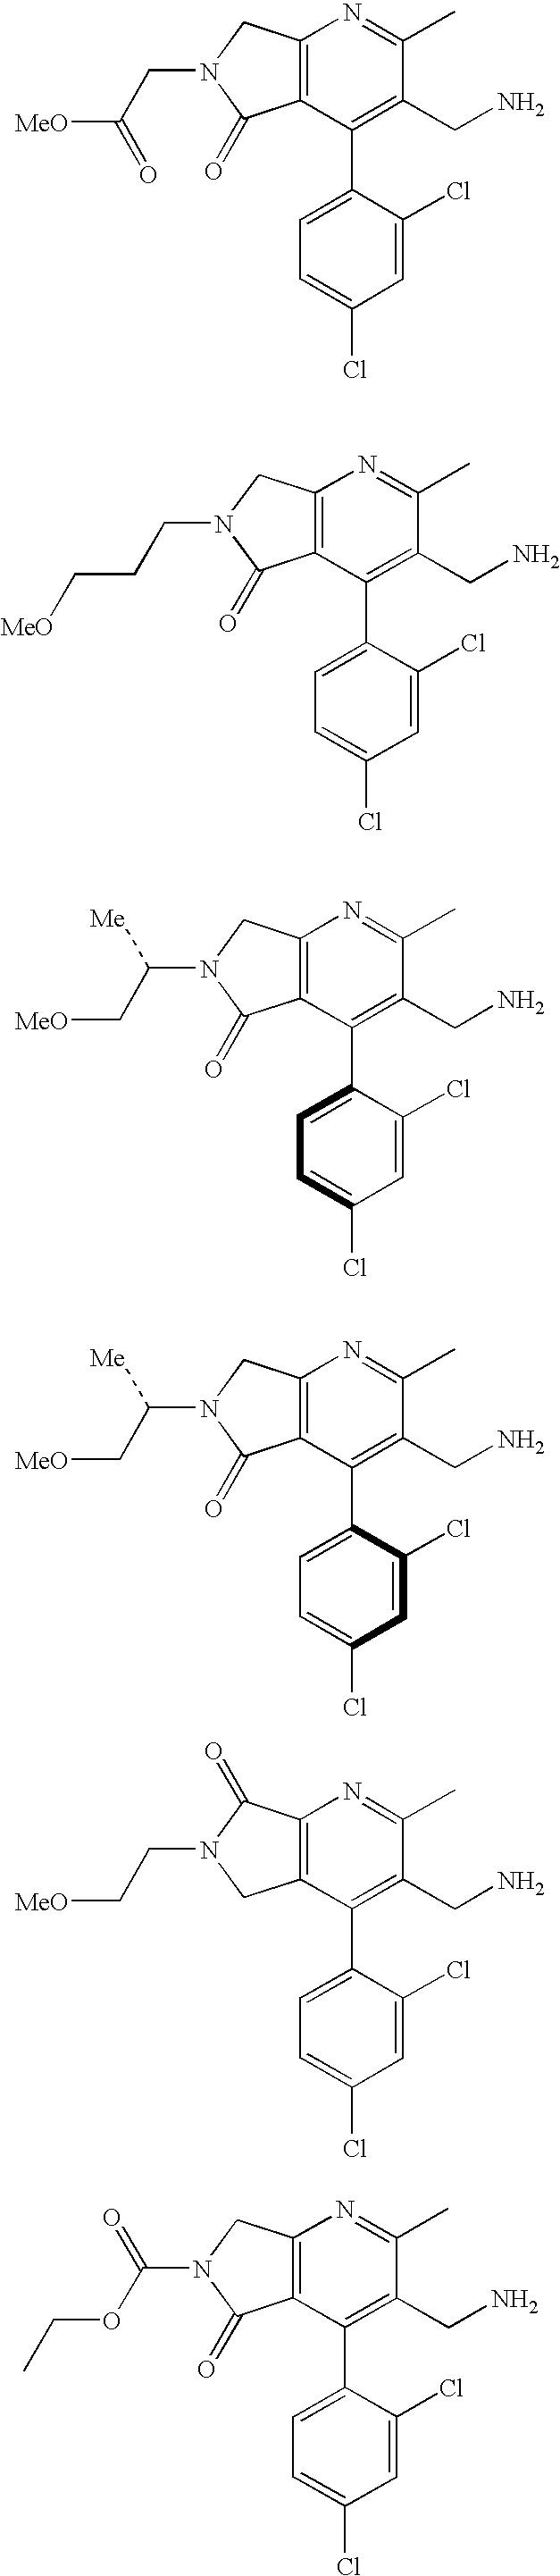 Figure US07521557-20090421-C00009